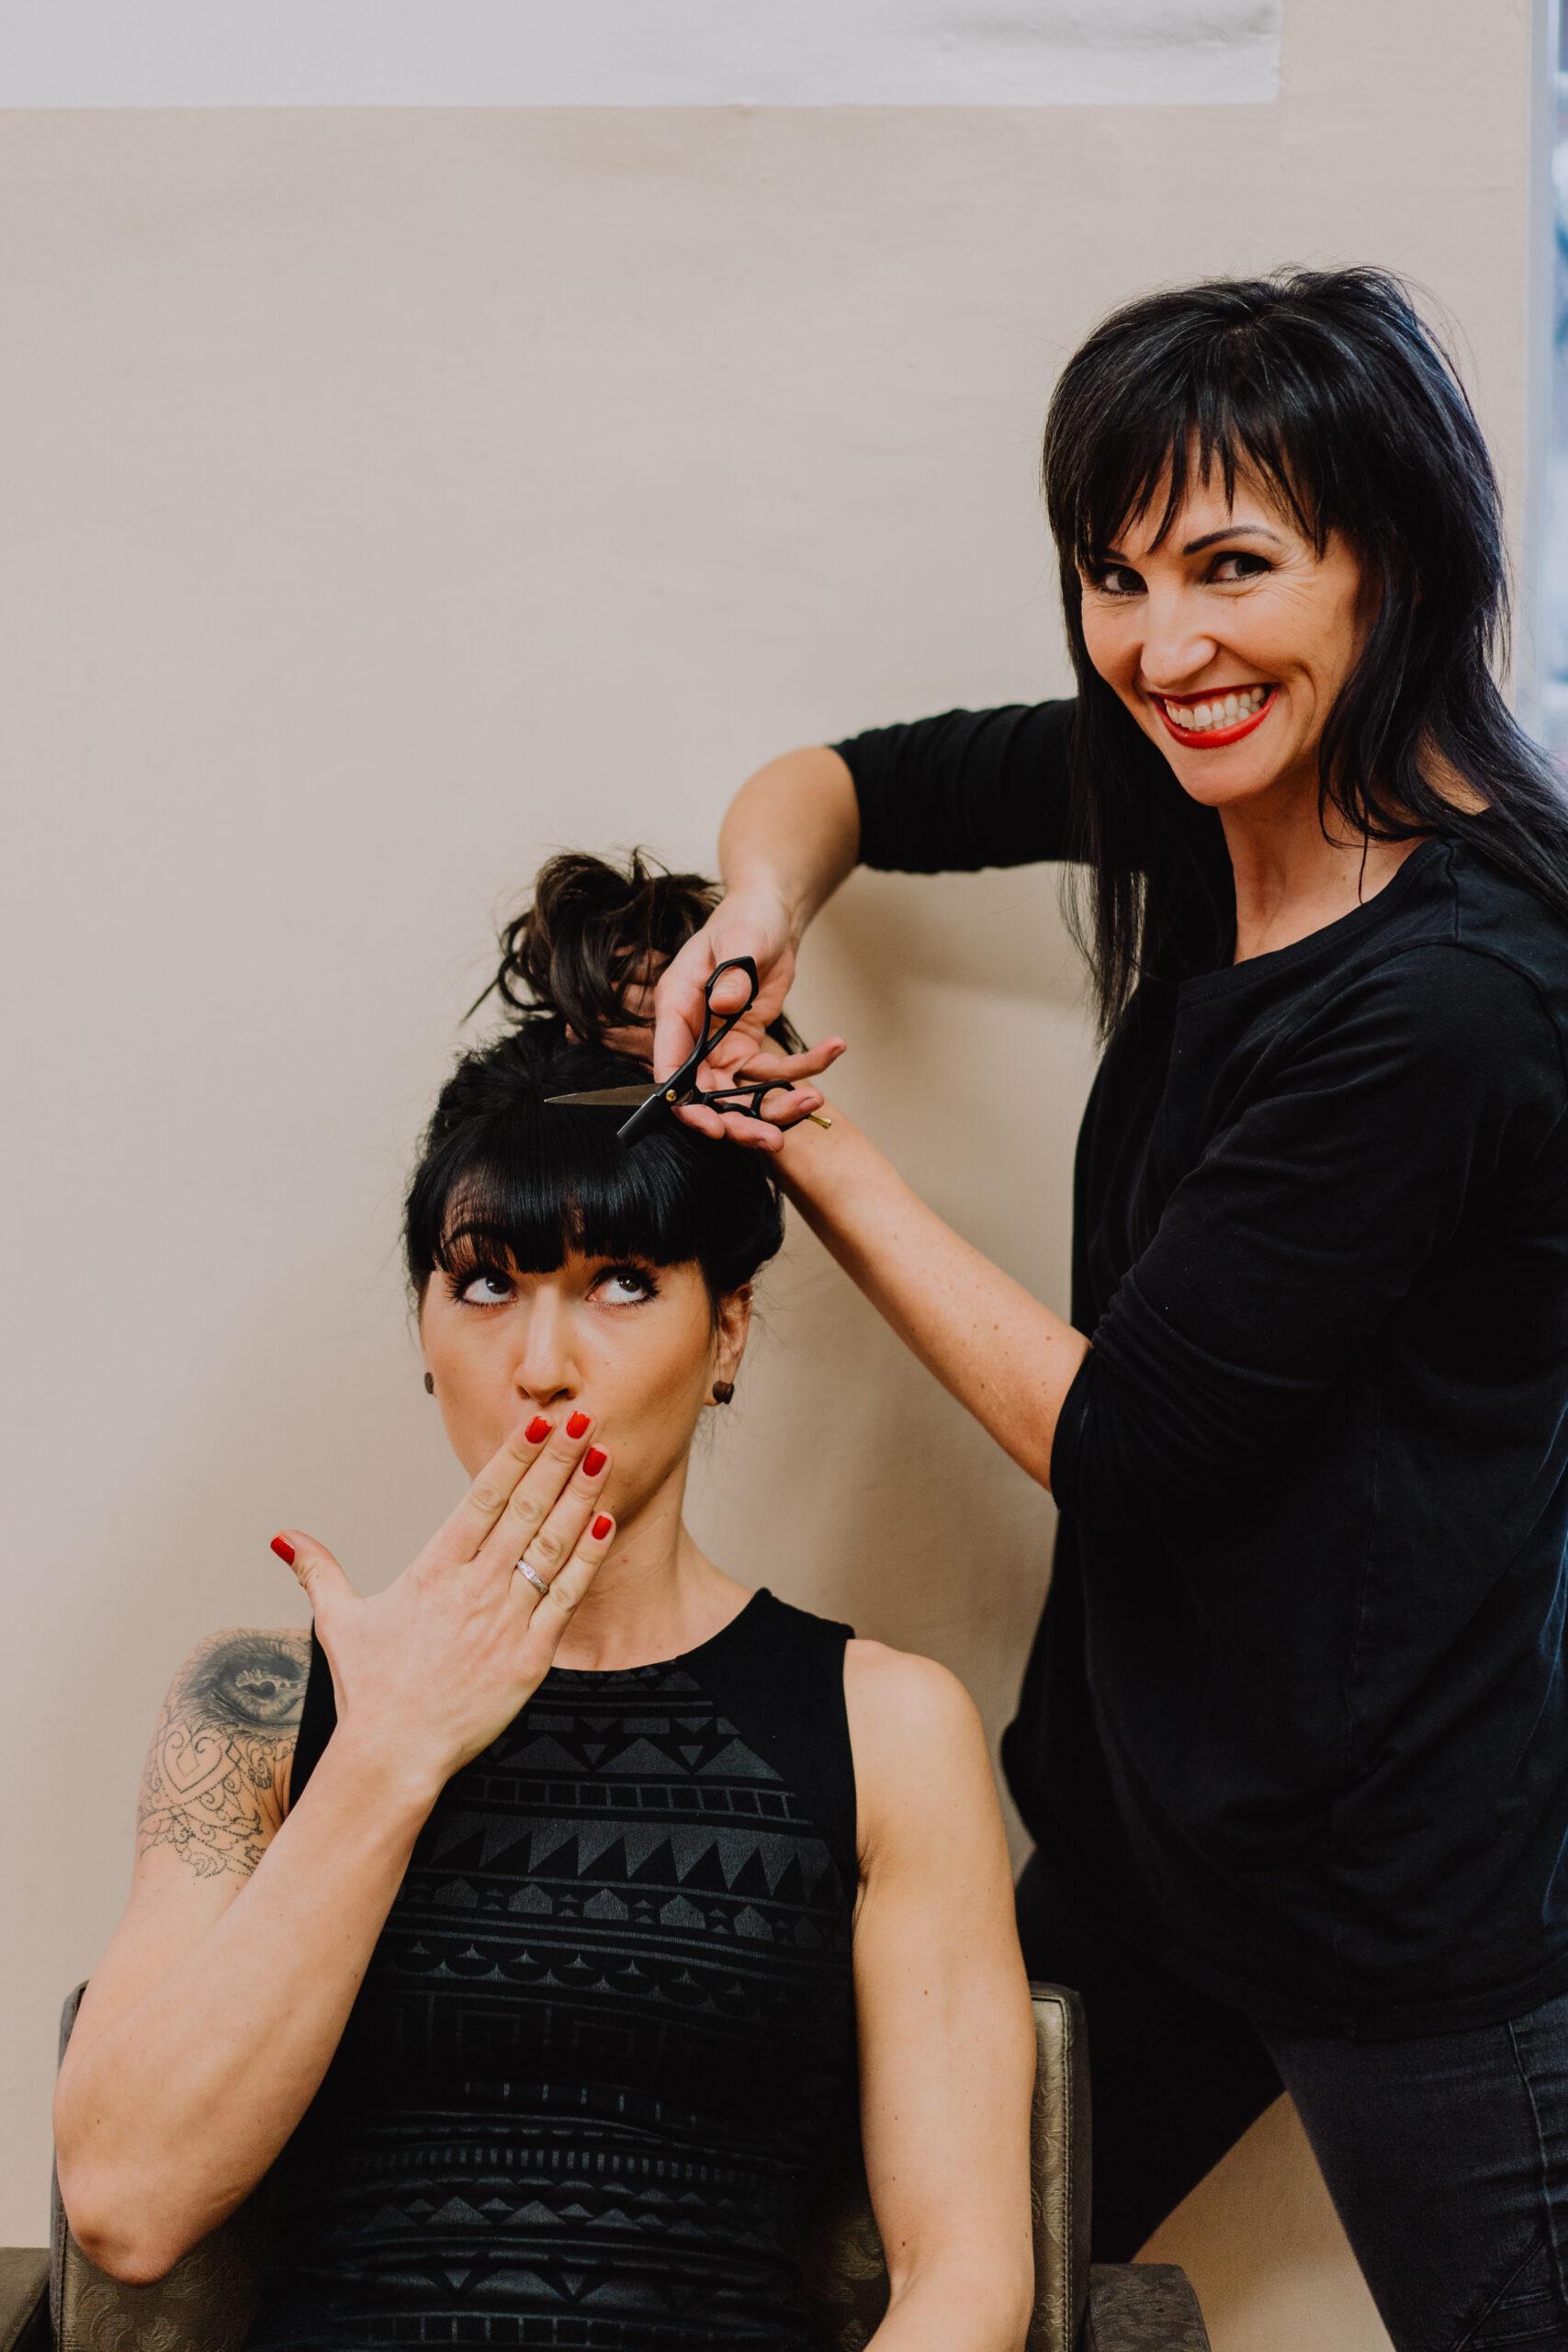 Sabine schneidet Maria die Haare